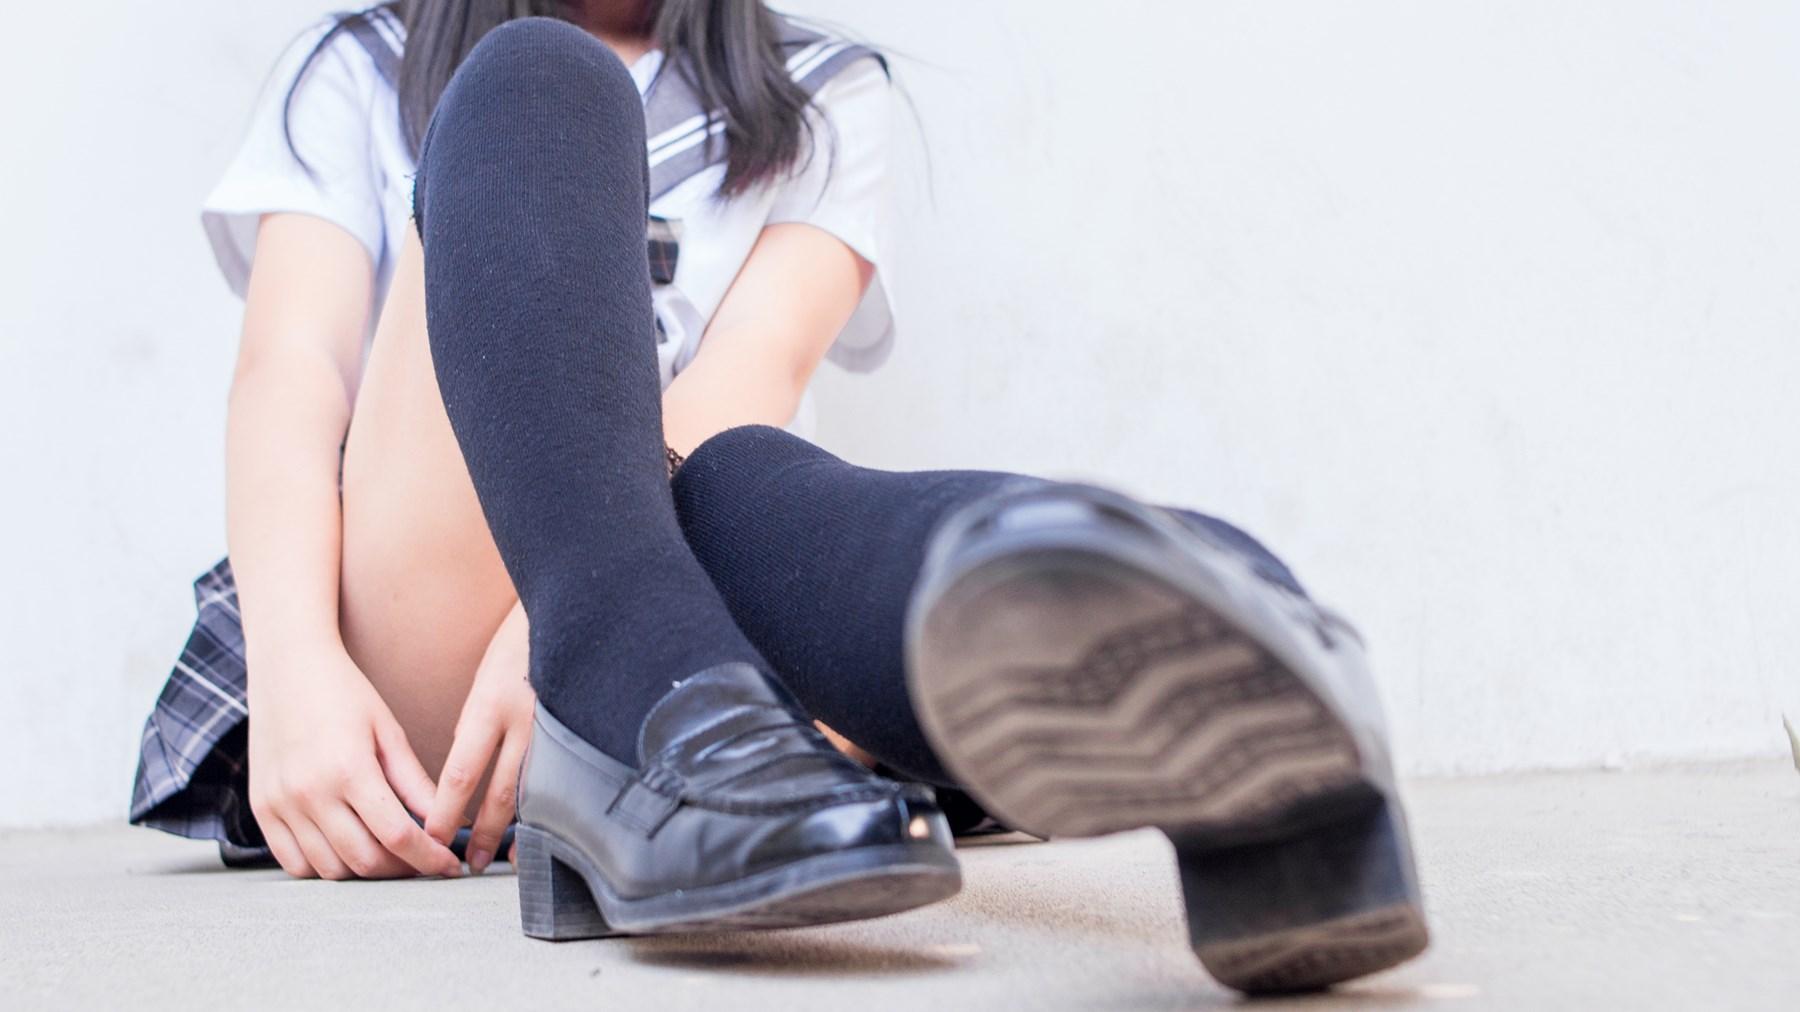 【兔玩映画】过膝袜JK 兔玩映画 第35张